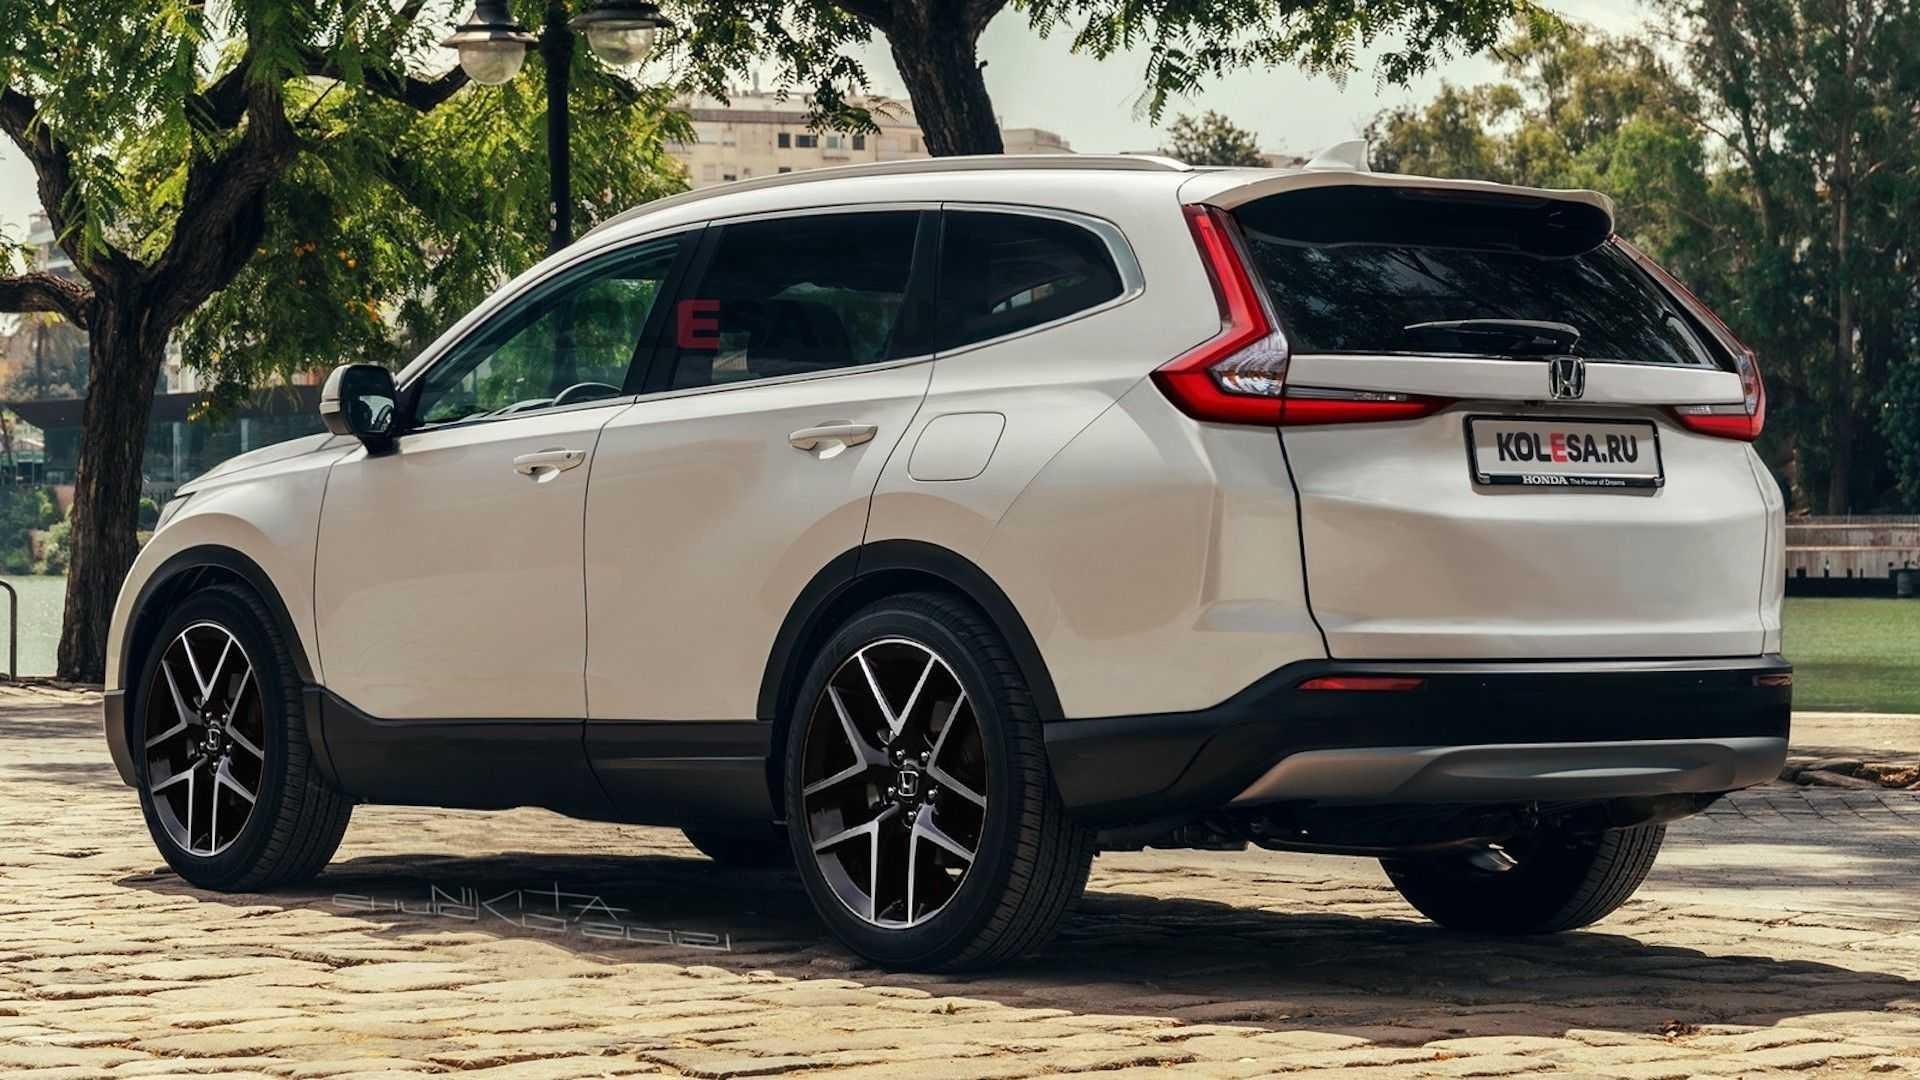 2023 Honda CR-V,2023 honda cr-v,2023 honda cr-v redesign, 2023 honda cr v hybrid,2023 honda crv release date,new honda crv 2023,all new honda crv 2023,honda crv 2023 new model